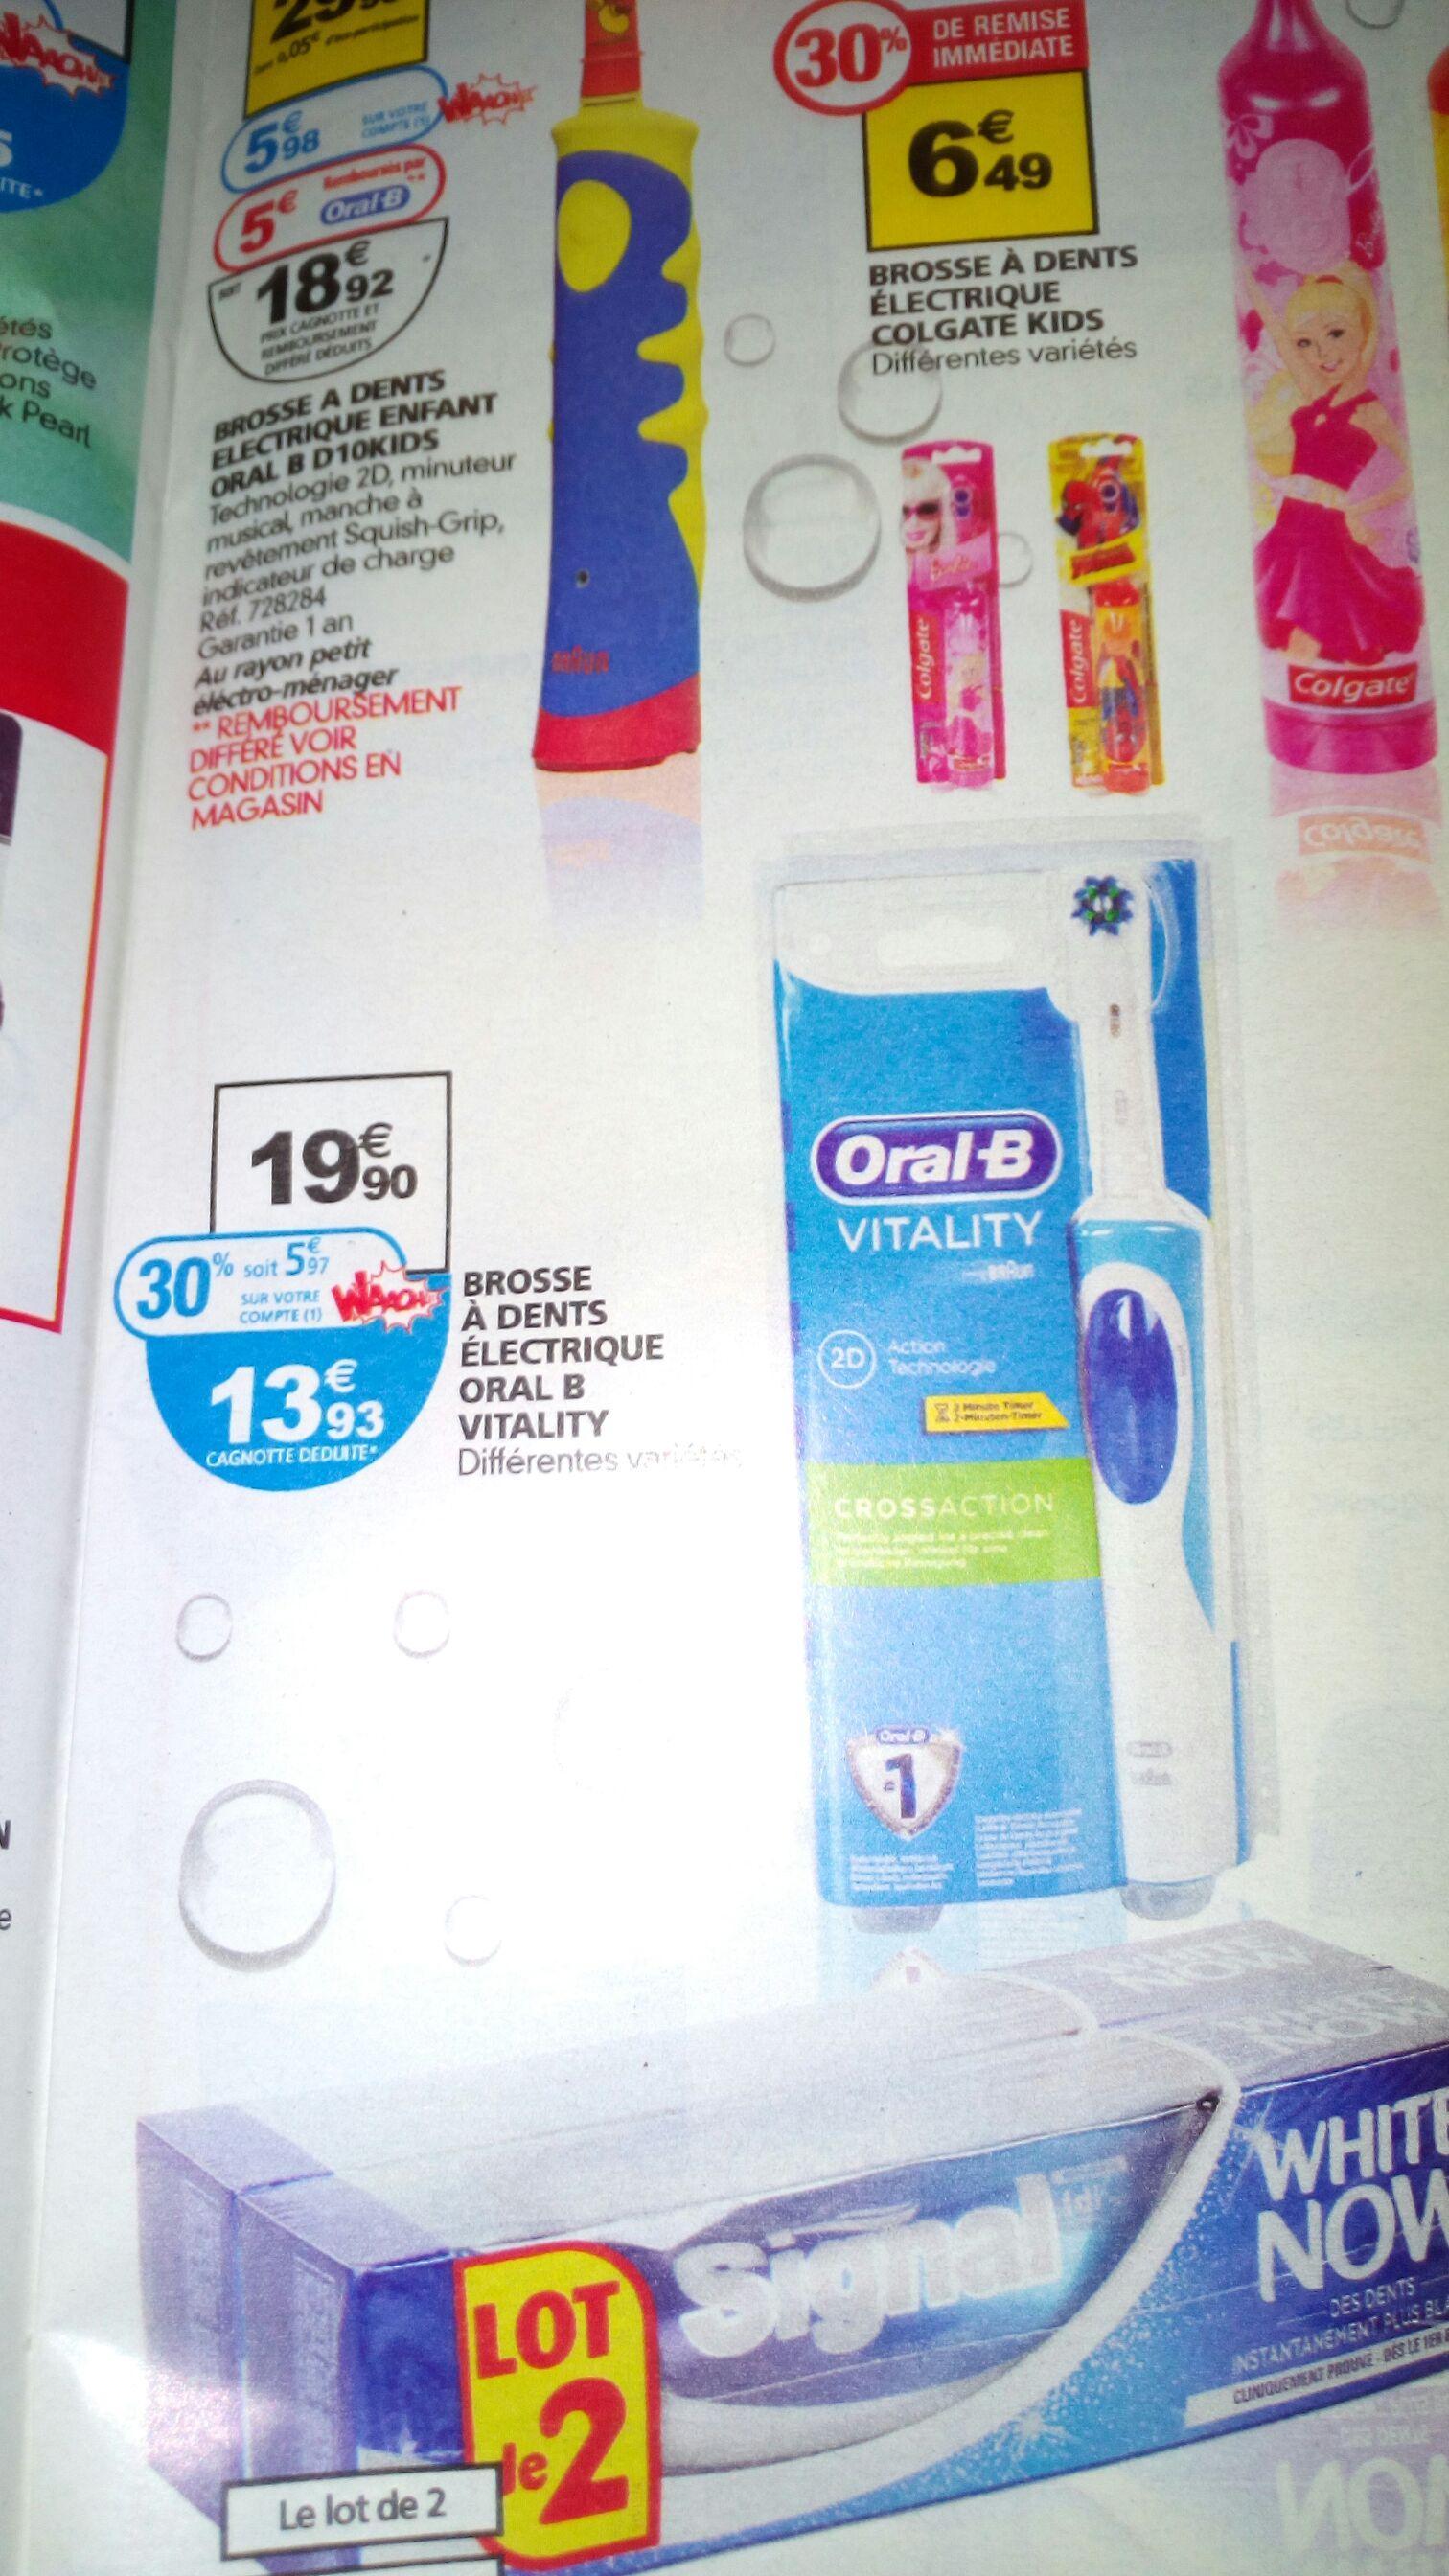 Brosse à dents électrique Oral-B vitality (avec 5,97€ sur la carte)